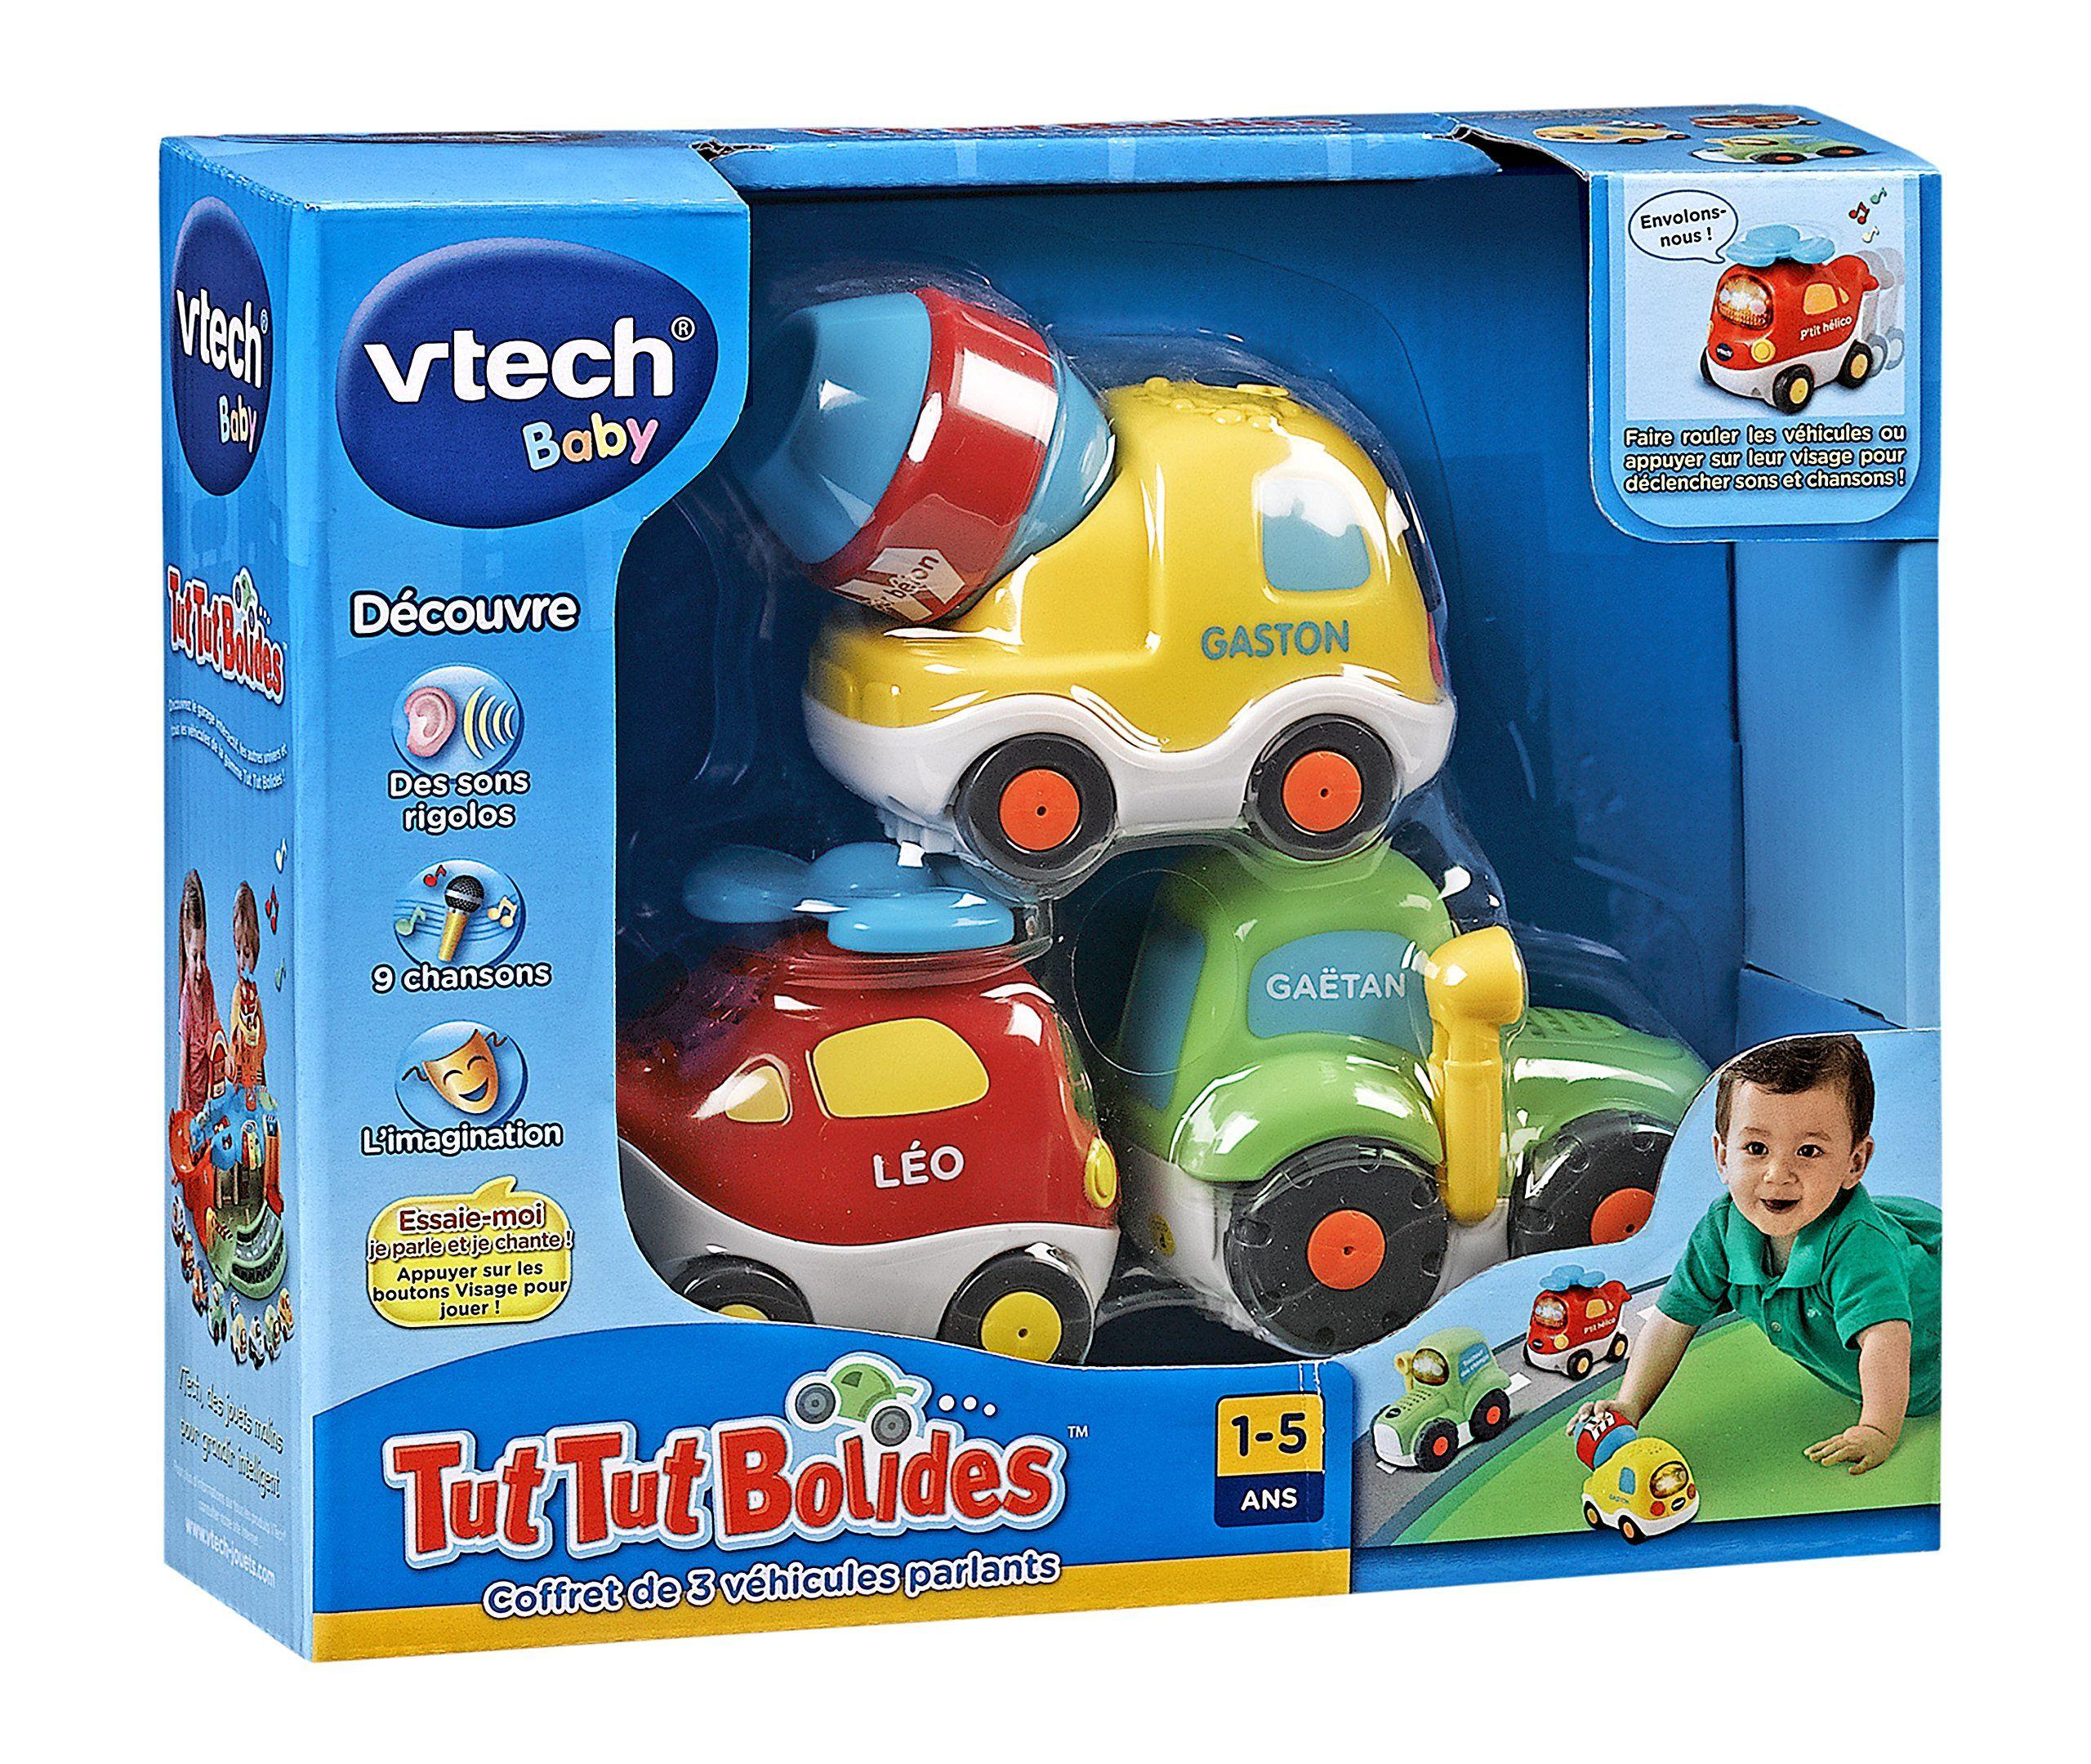 vtech 203905 jouet premier age tut tut bolides coffret trio tracteur h lico. Black Bedroom Furniture Sets. Home Design Ideas